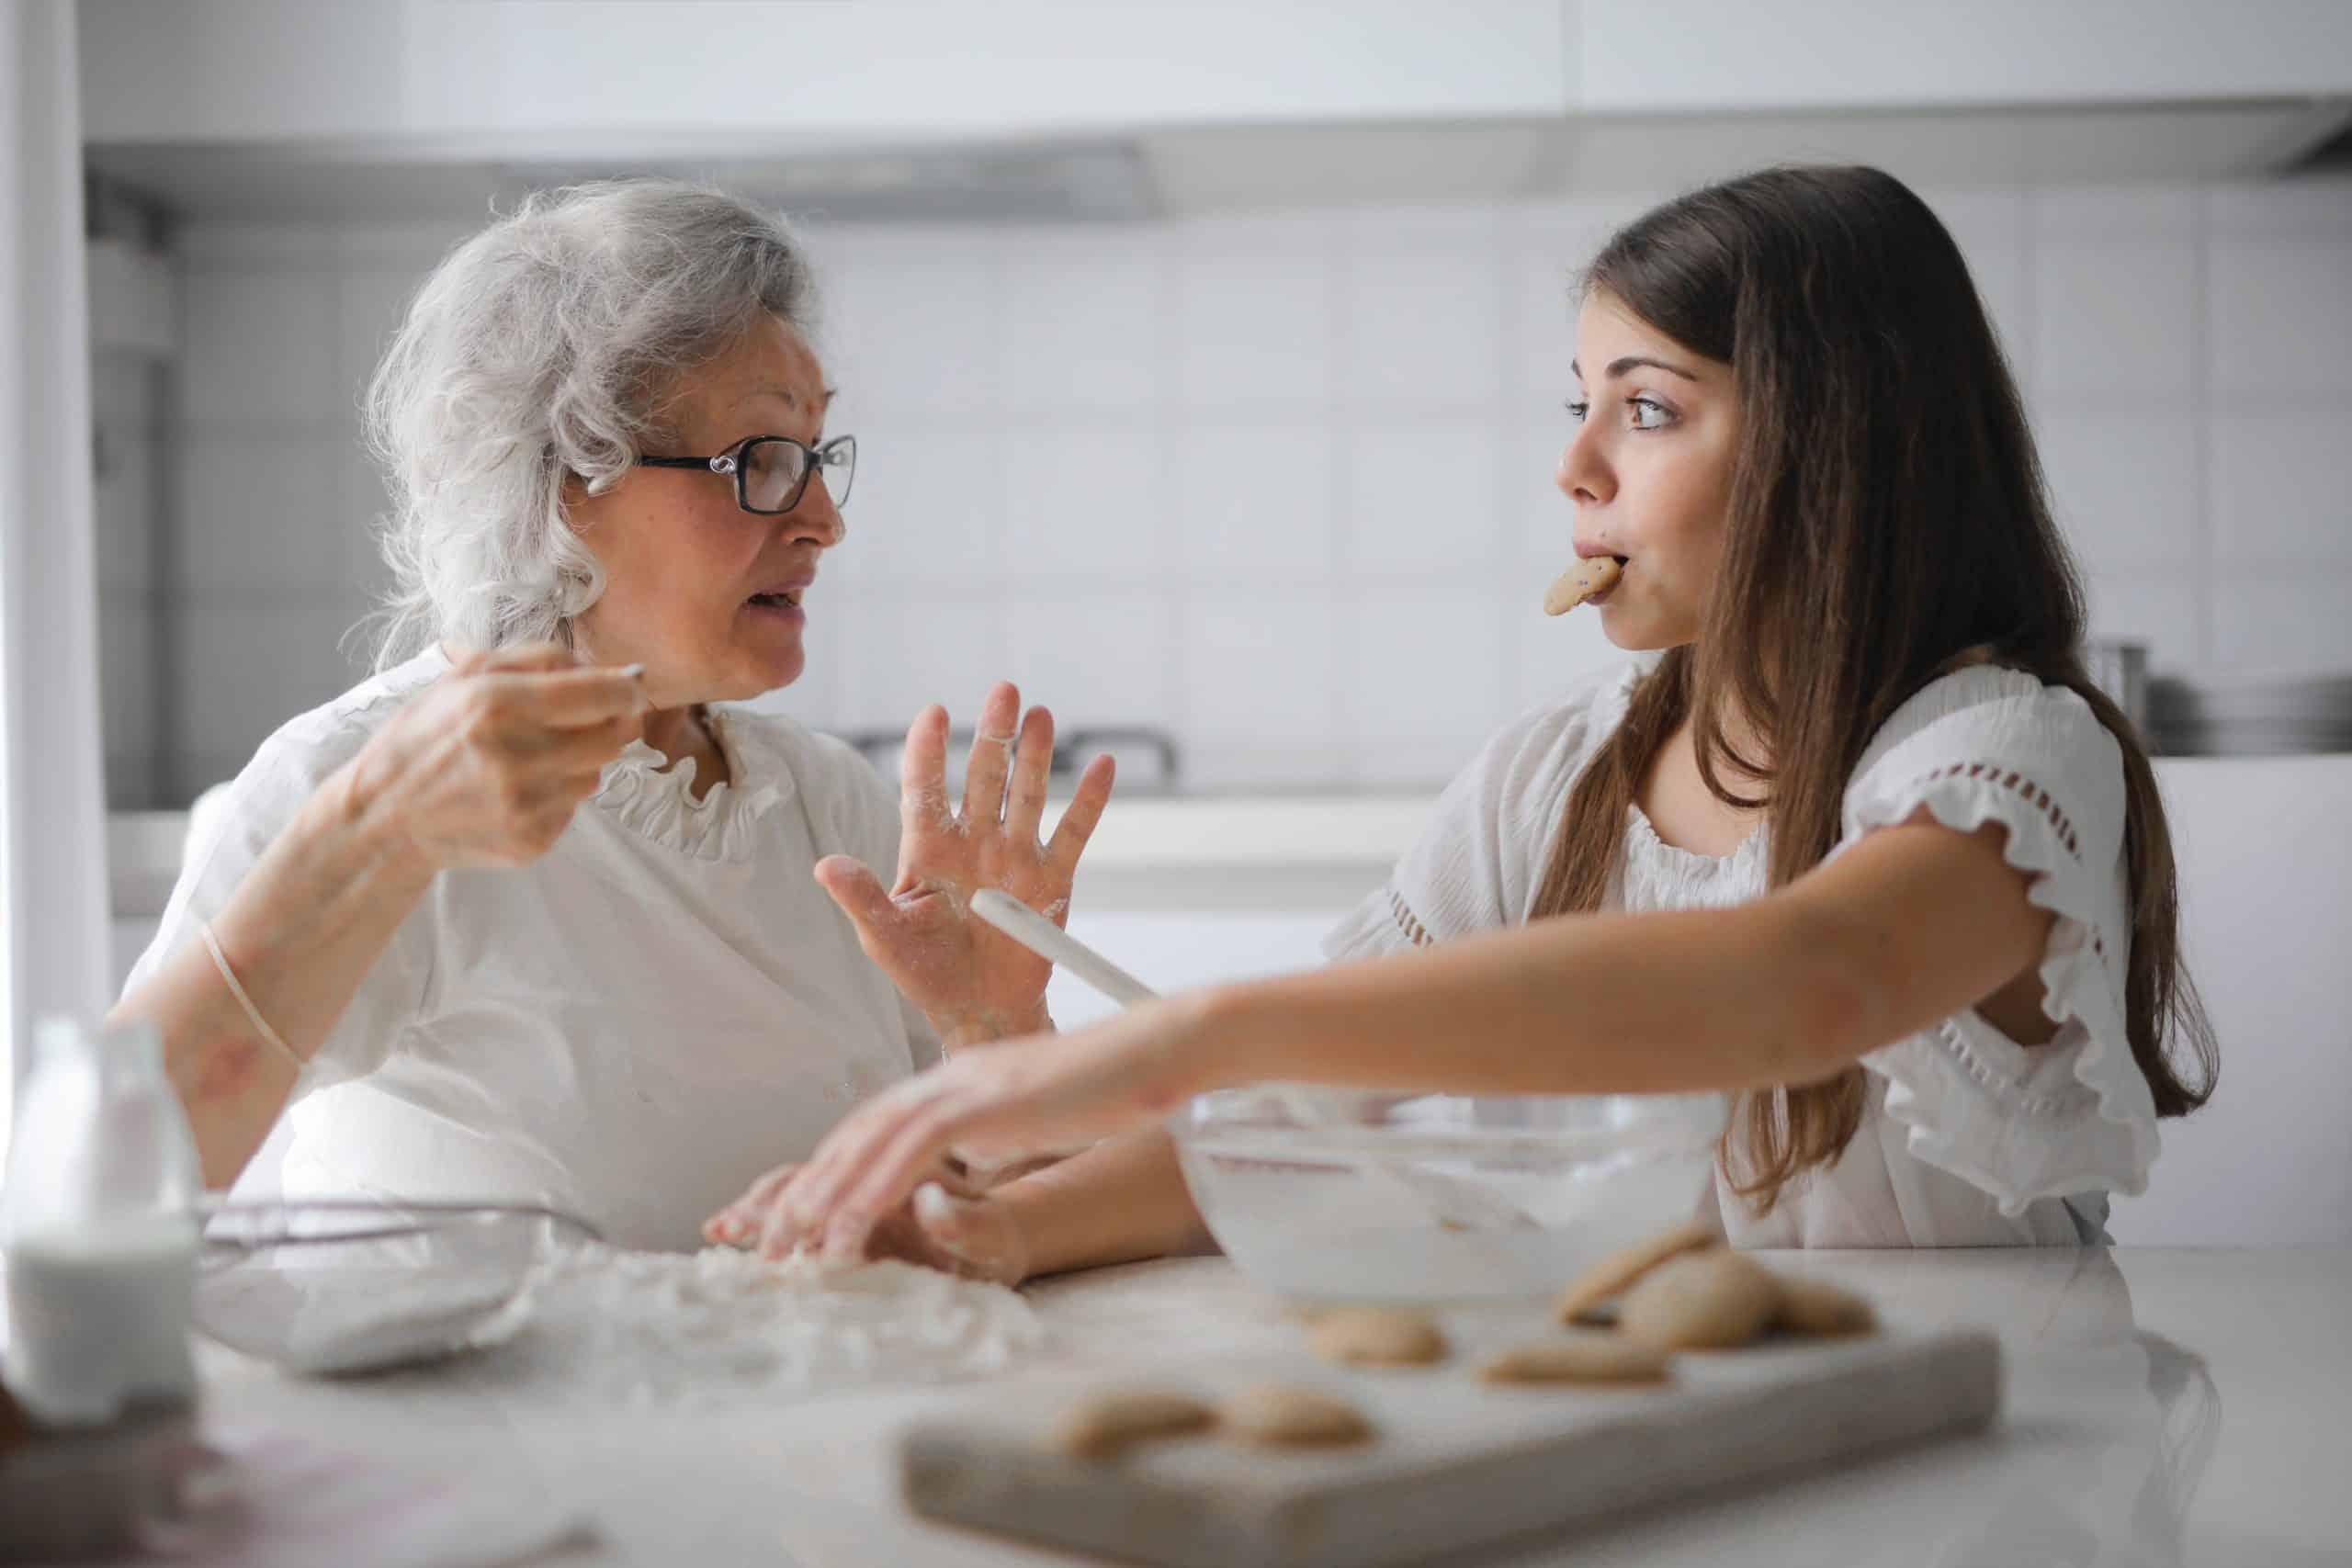 Hogyan lehet erekciót elérni idős korban